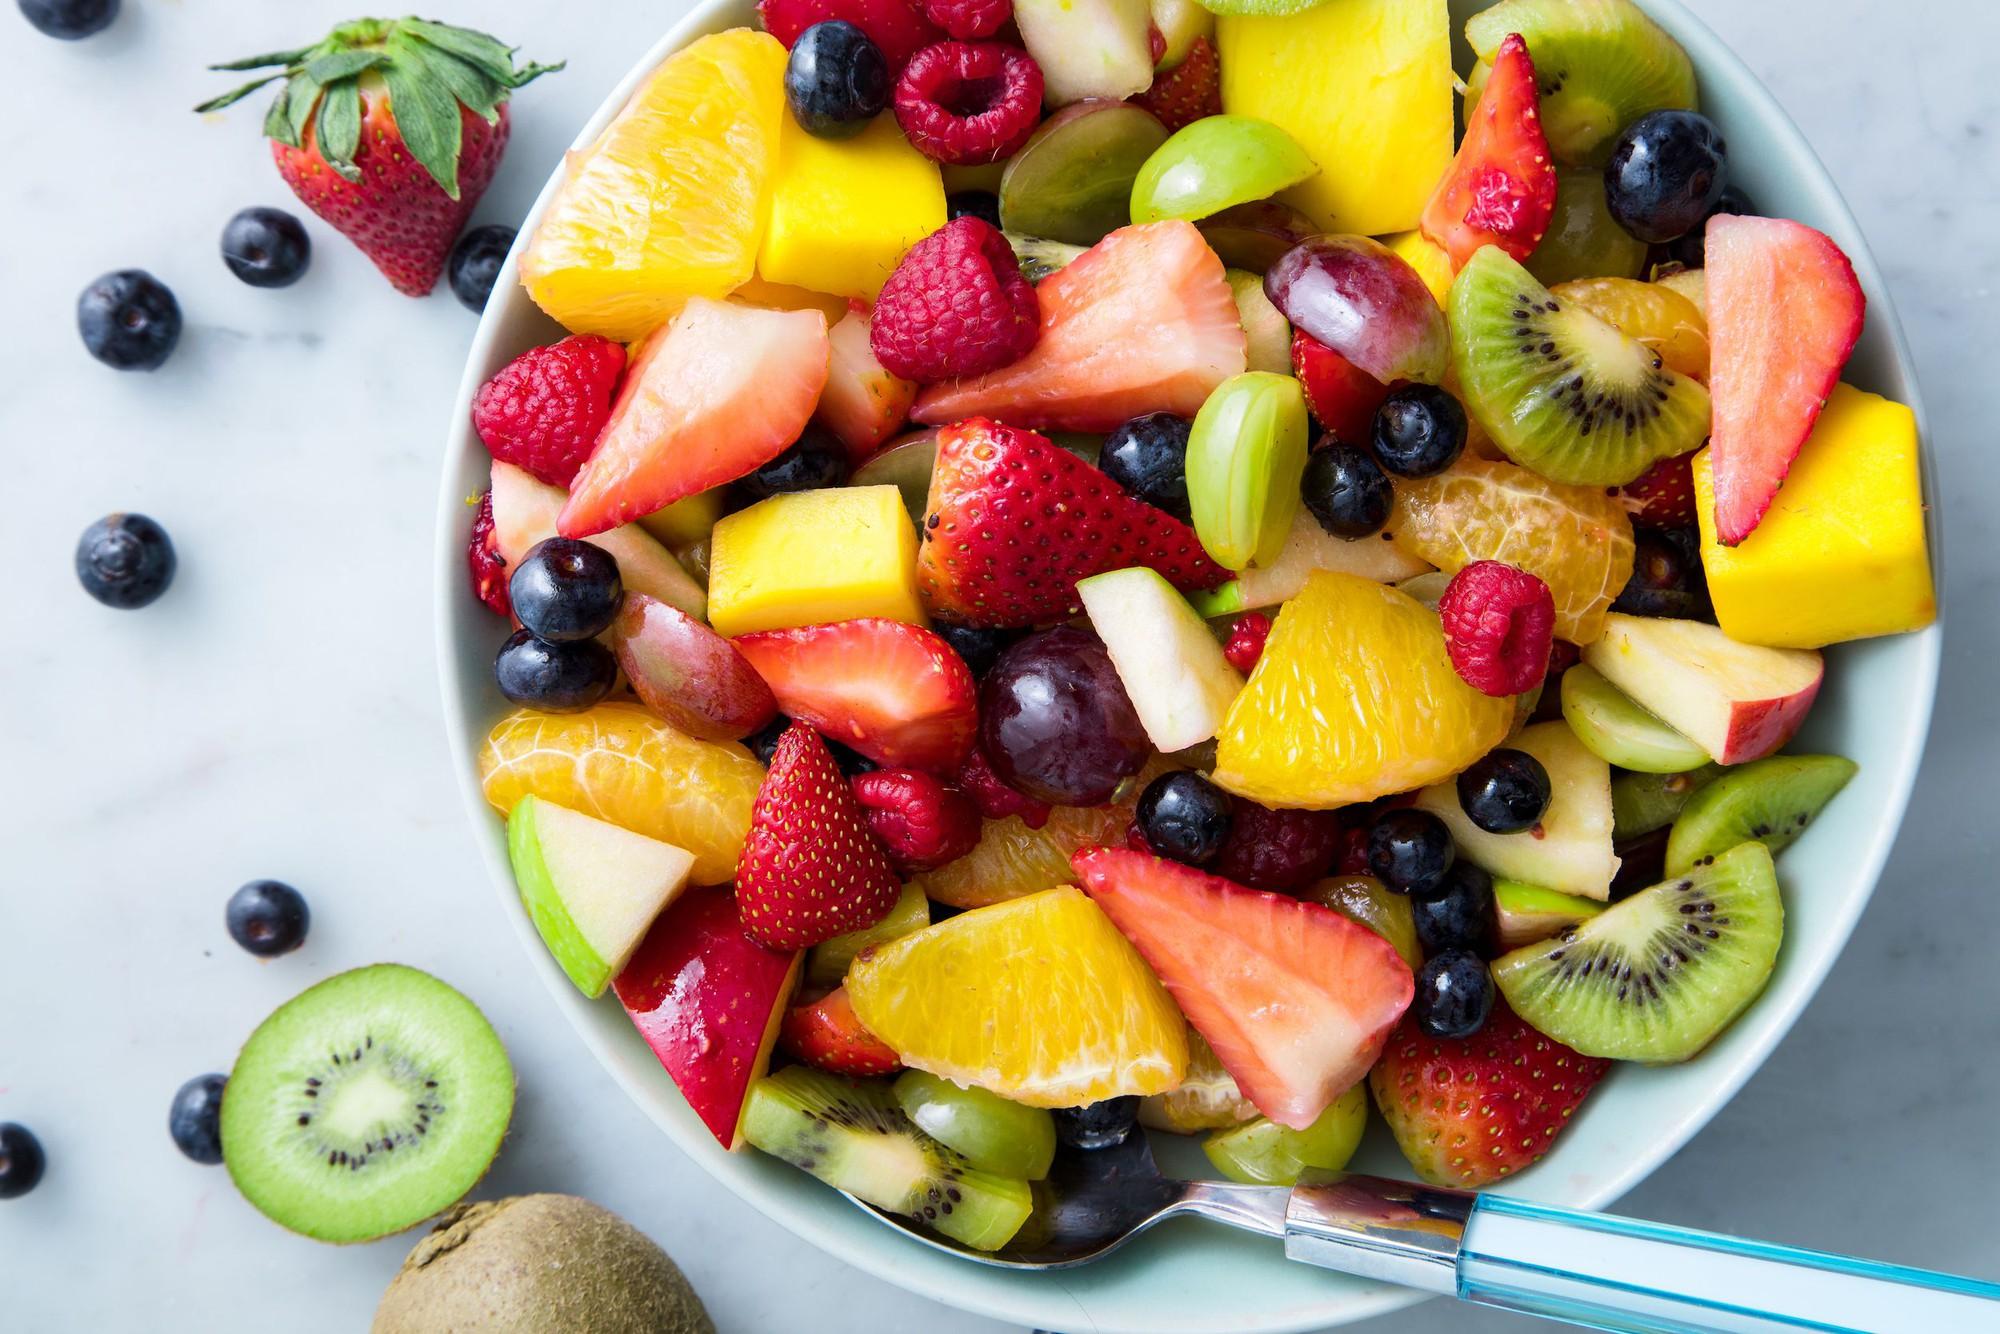 Có thật ăn hoa quả phải ăn lúc đói?